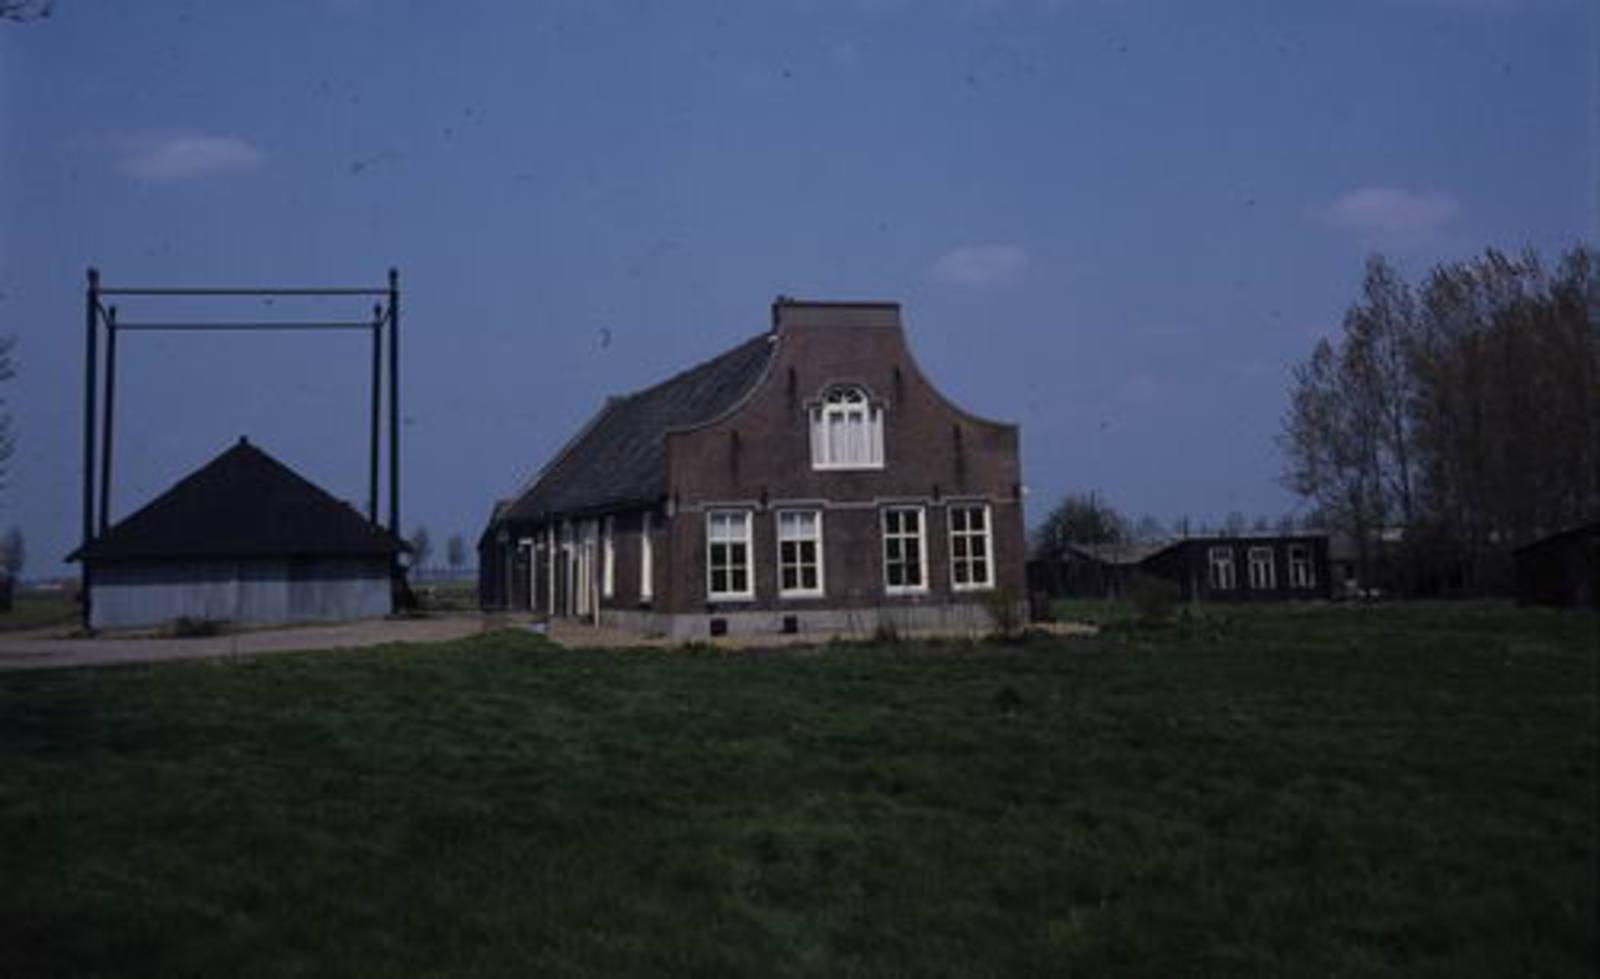 Grote Poellaan 0023 1980 boerderij Tensen